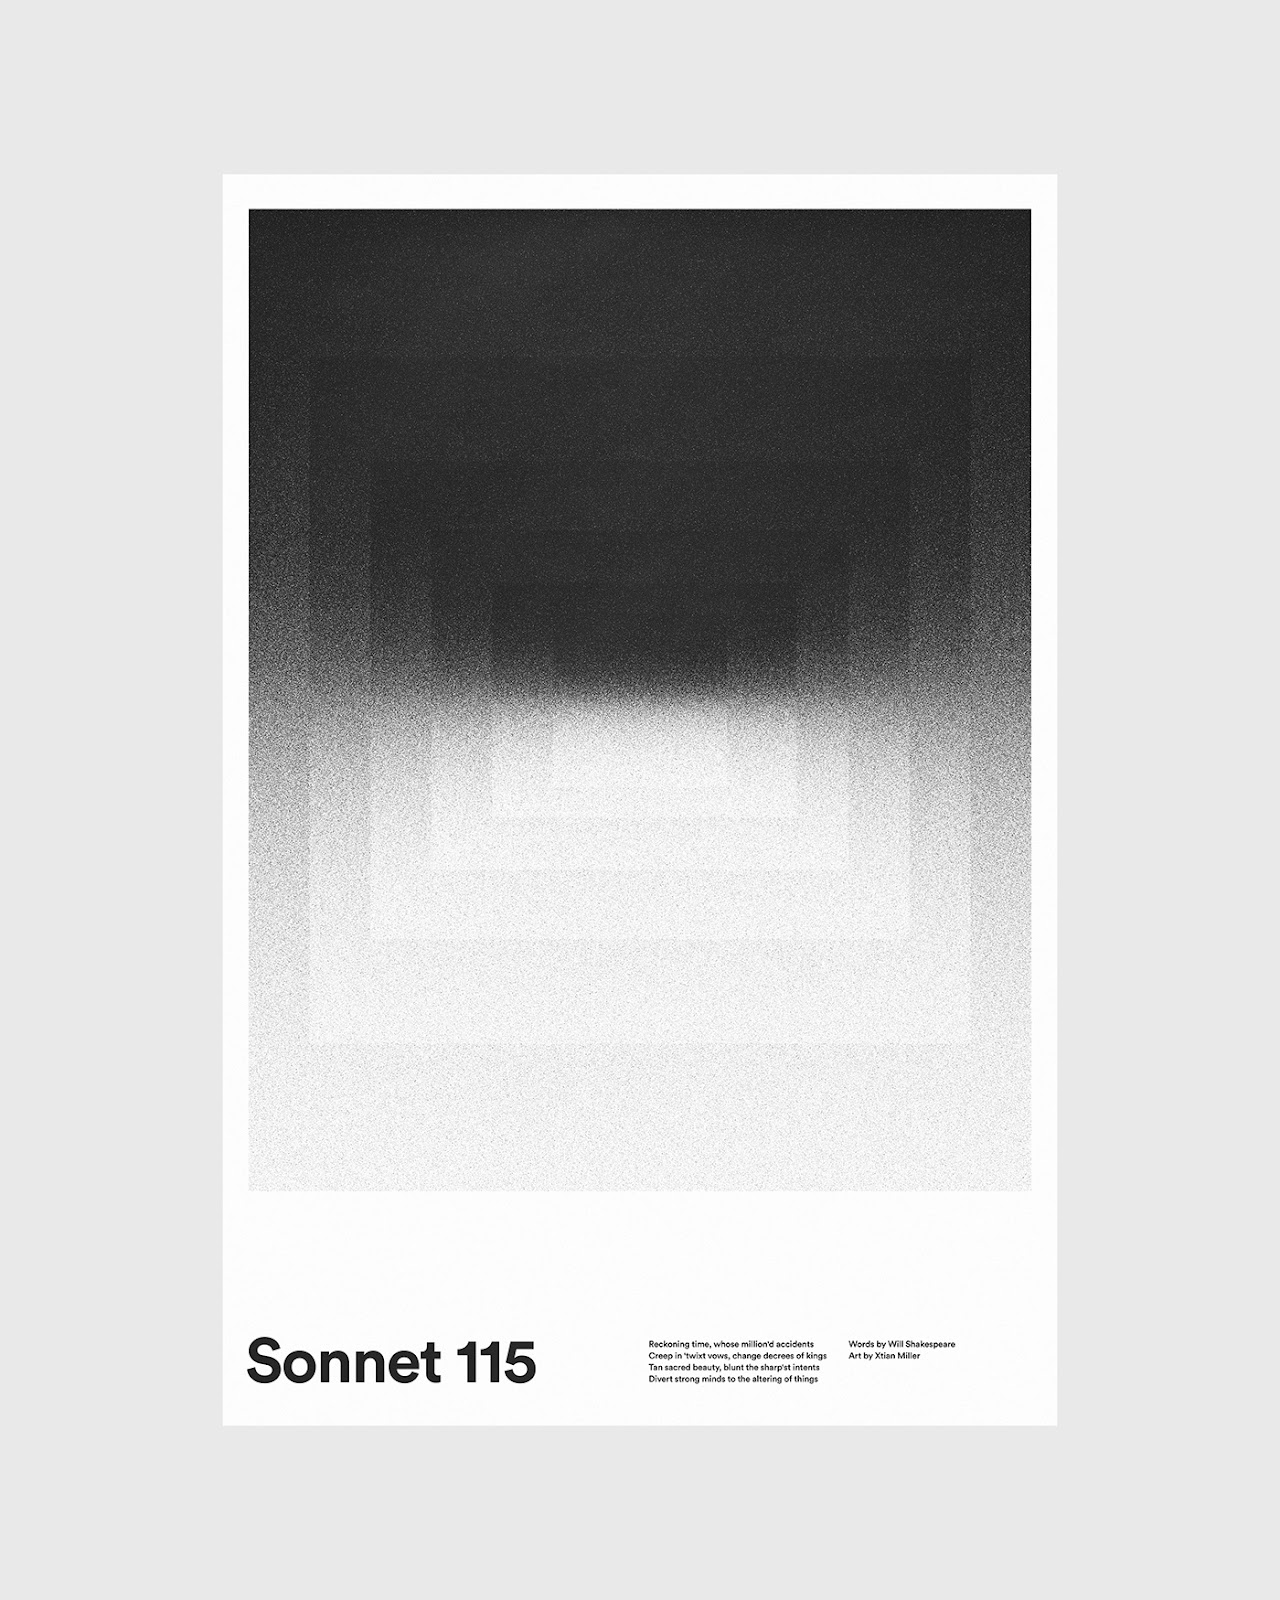 Sonnet 115